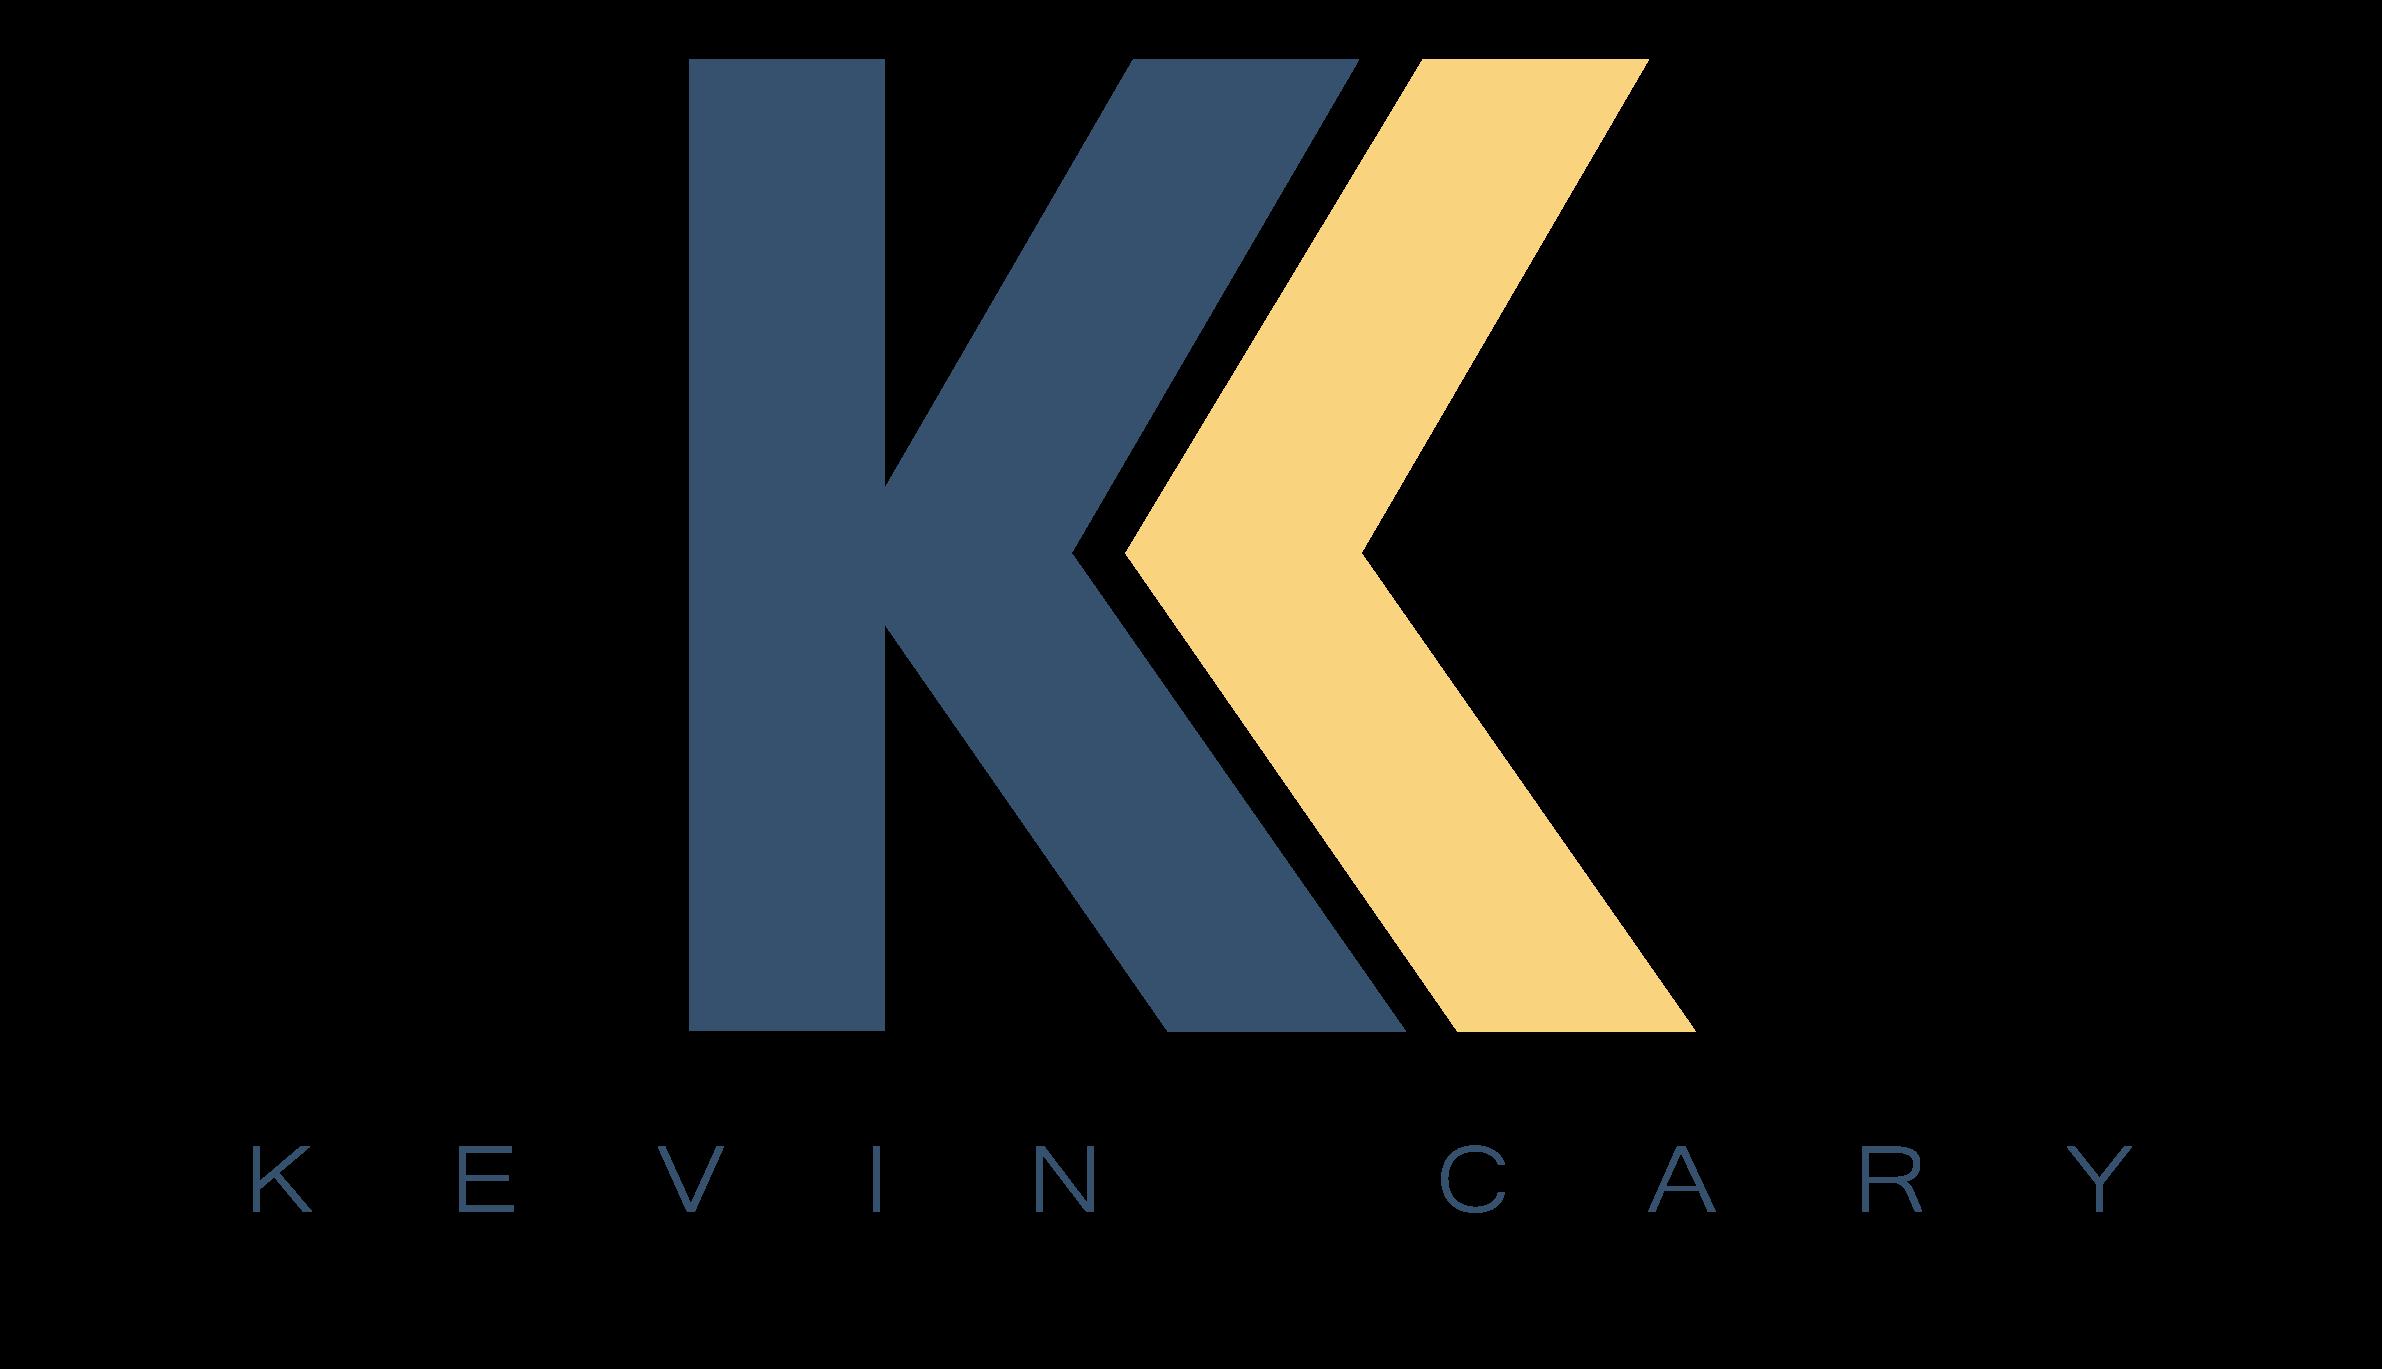 Logo de Kevin CARY photographe et vidéaste à Lyon, France